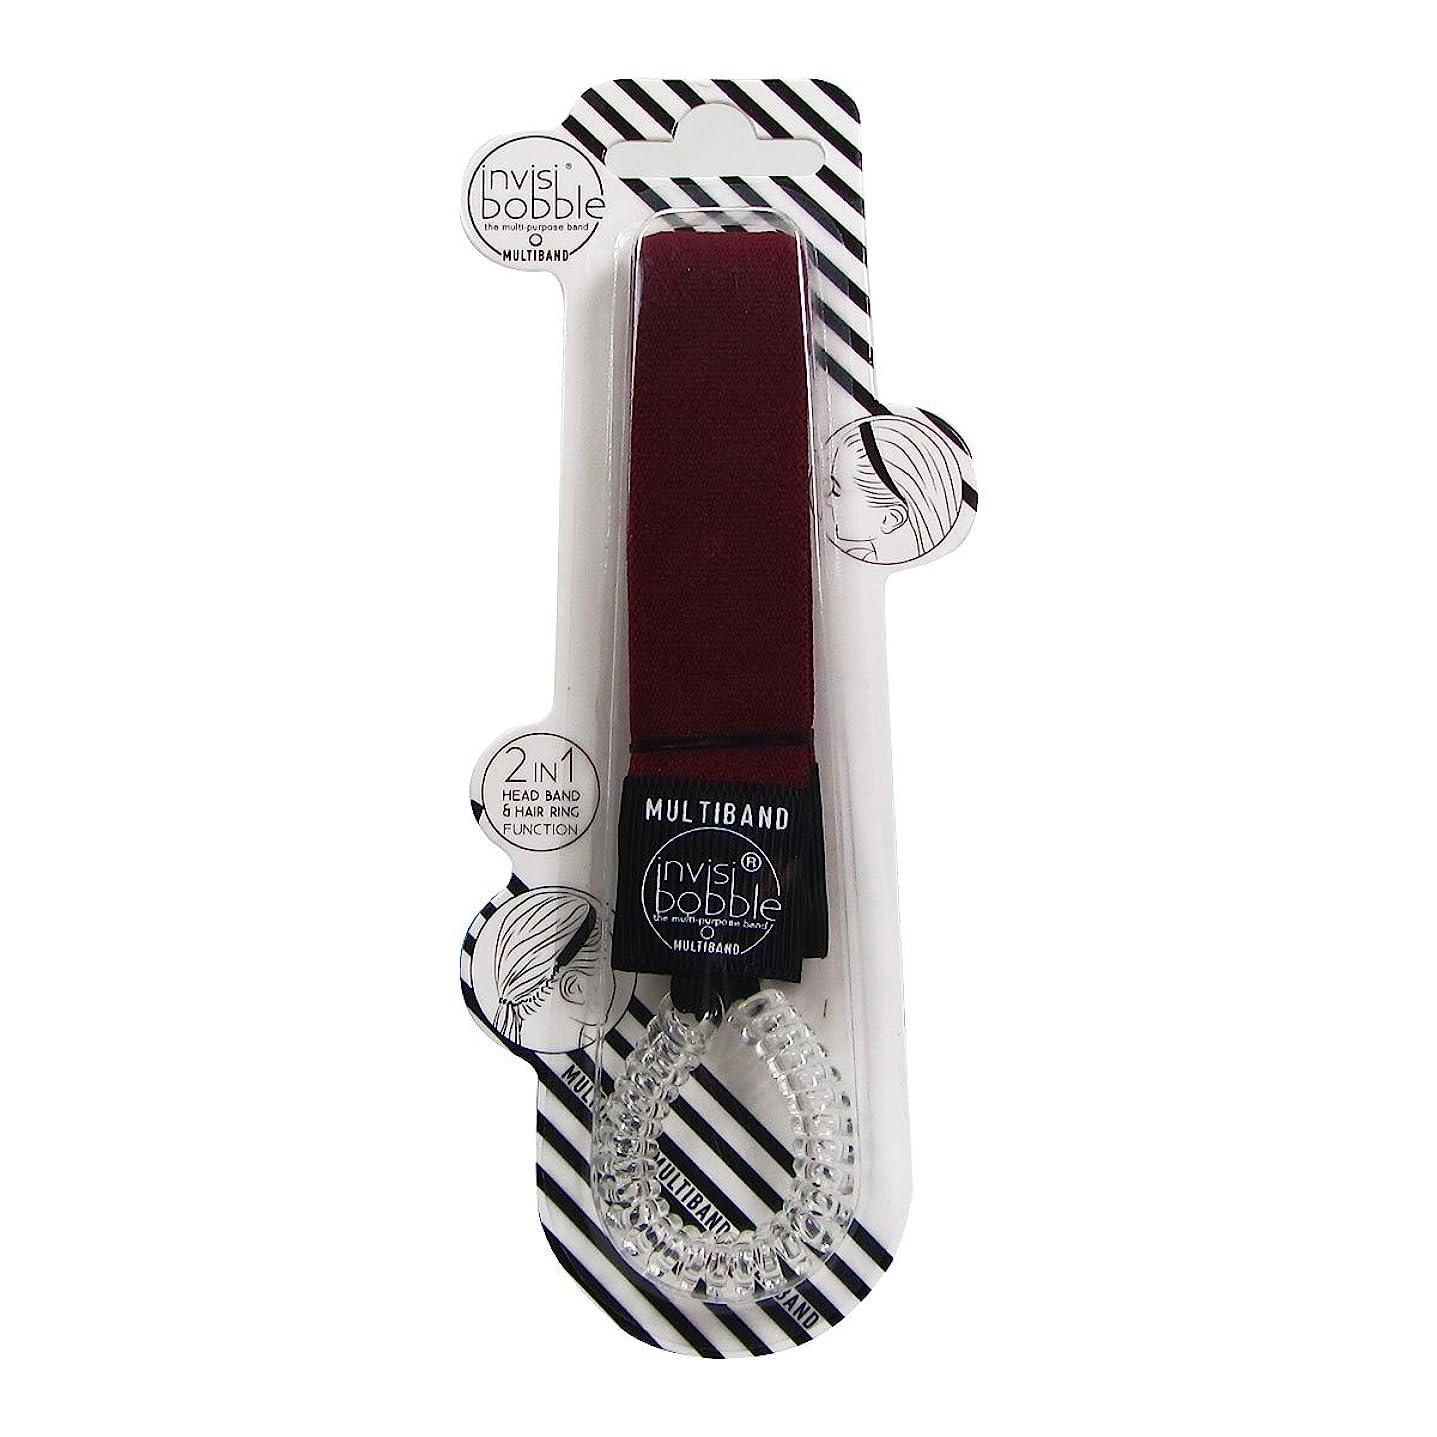 カフェ間違っているマリンInvisibobble Multiband Red-y To Rumble [並行輸入品]